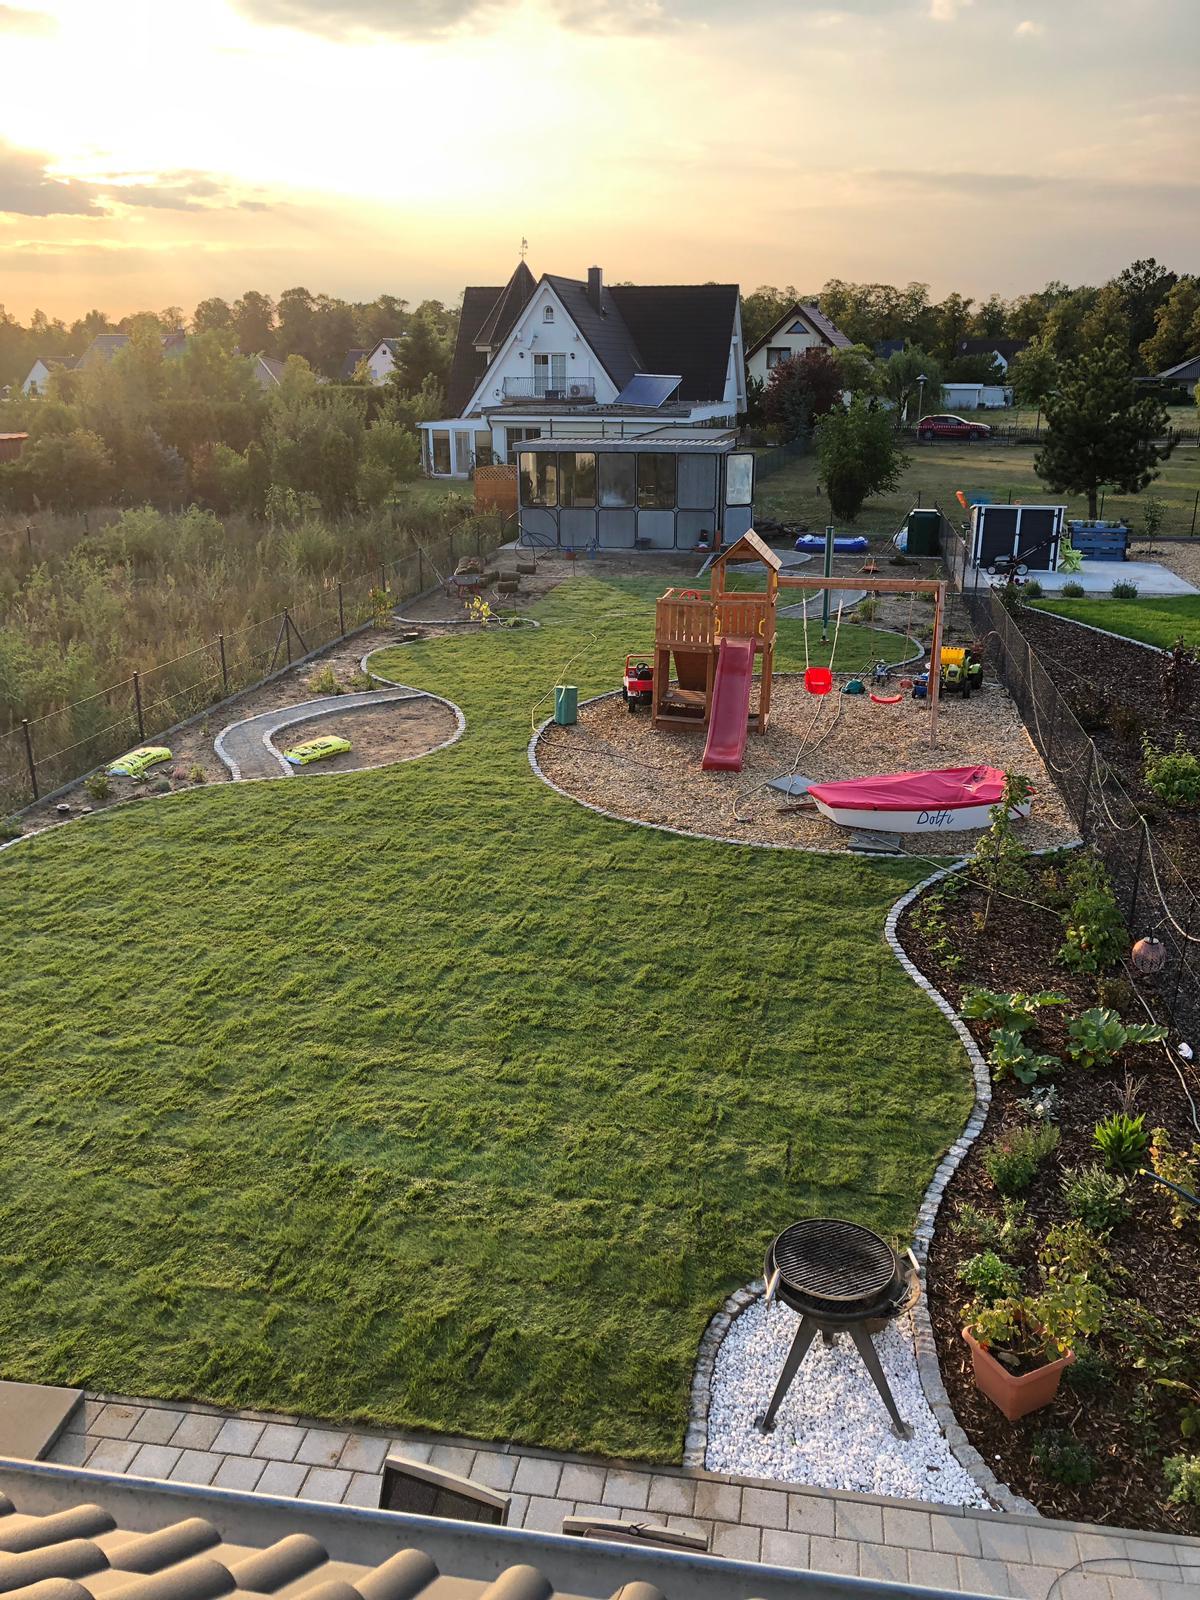 Gartengestaltung - Bauphase neu Gestaltung